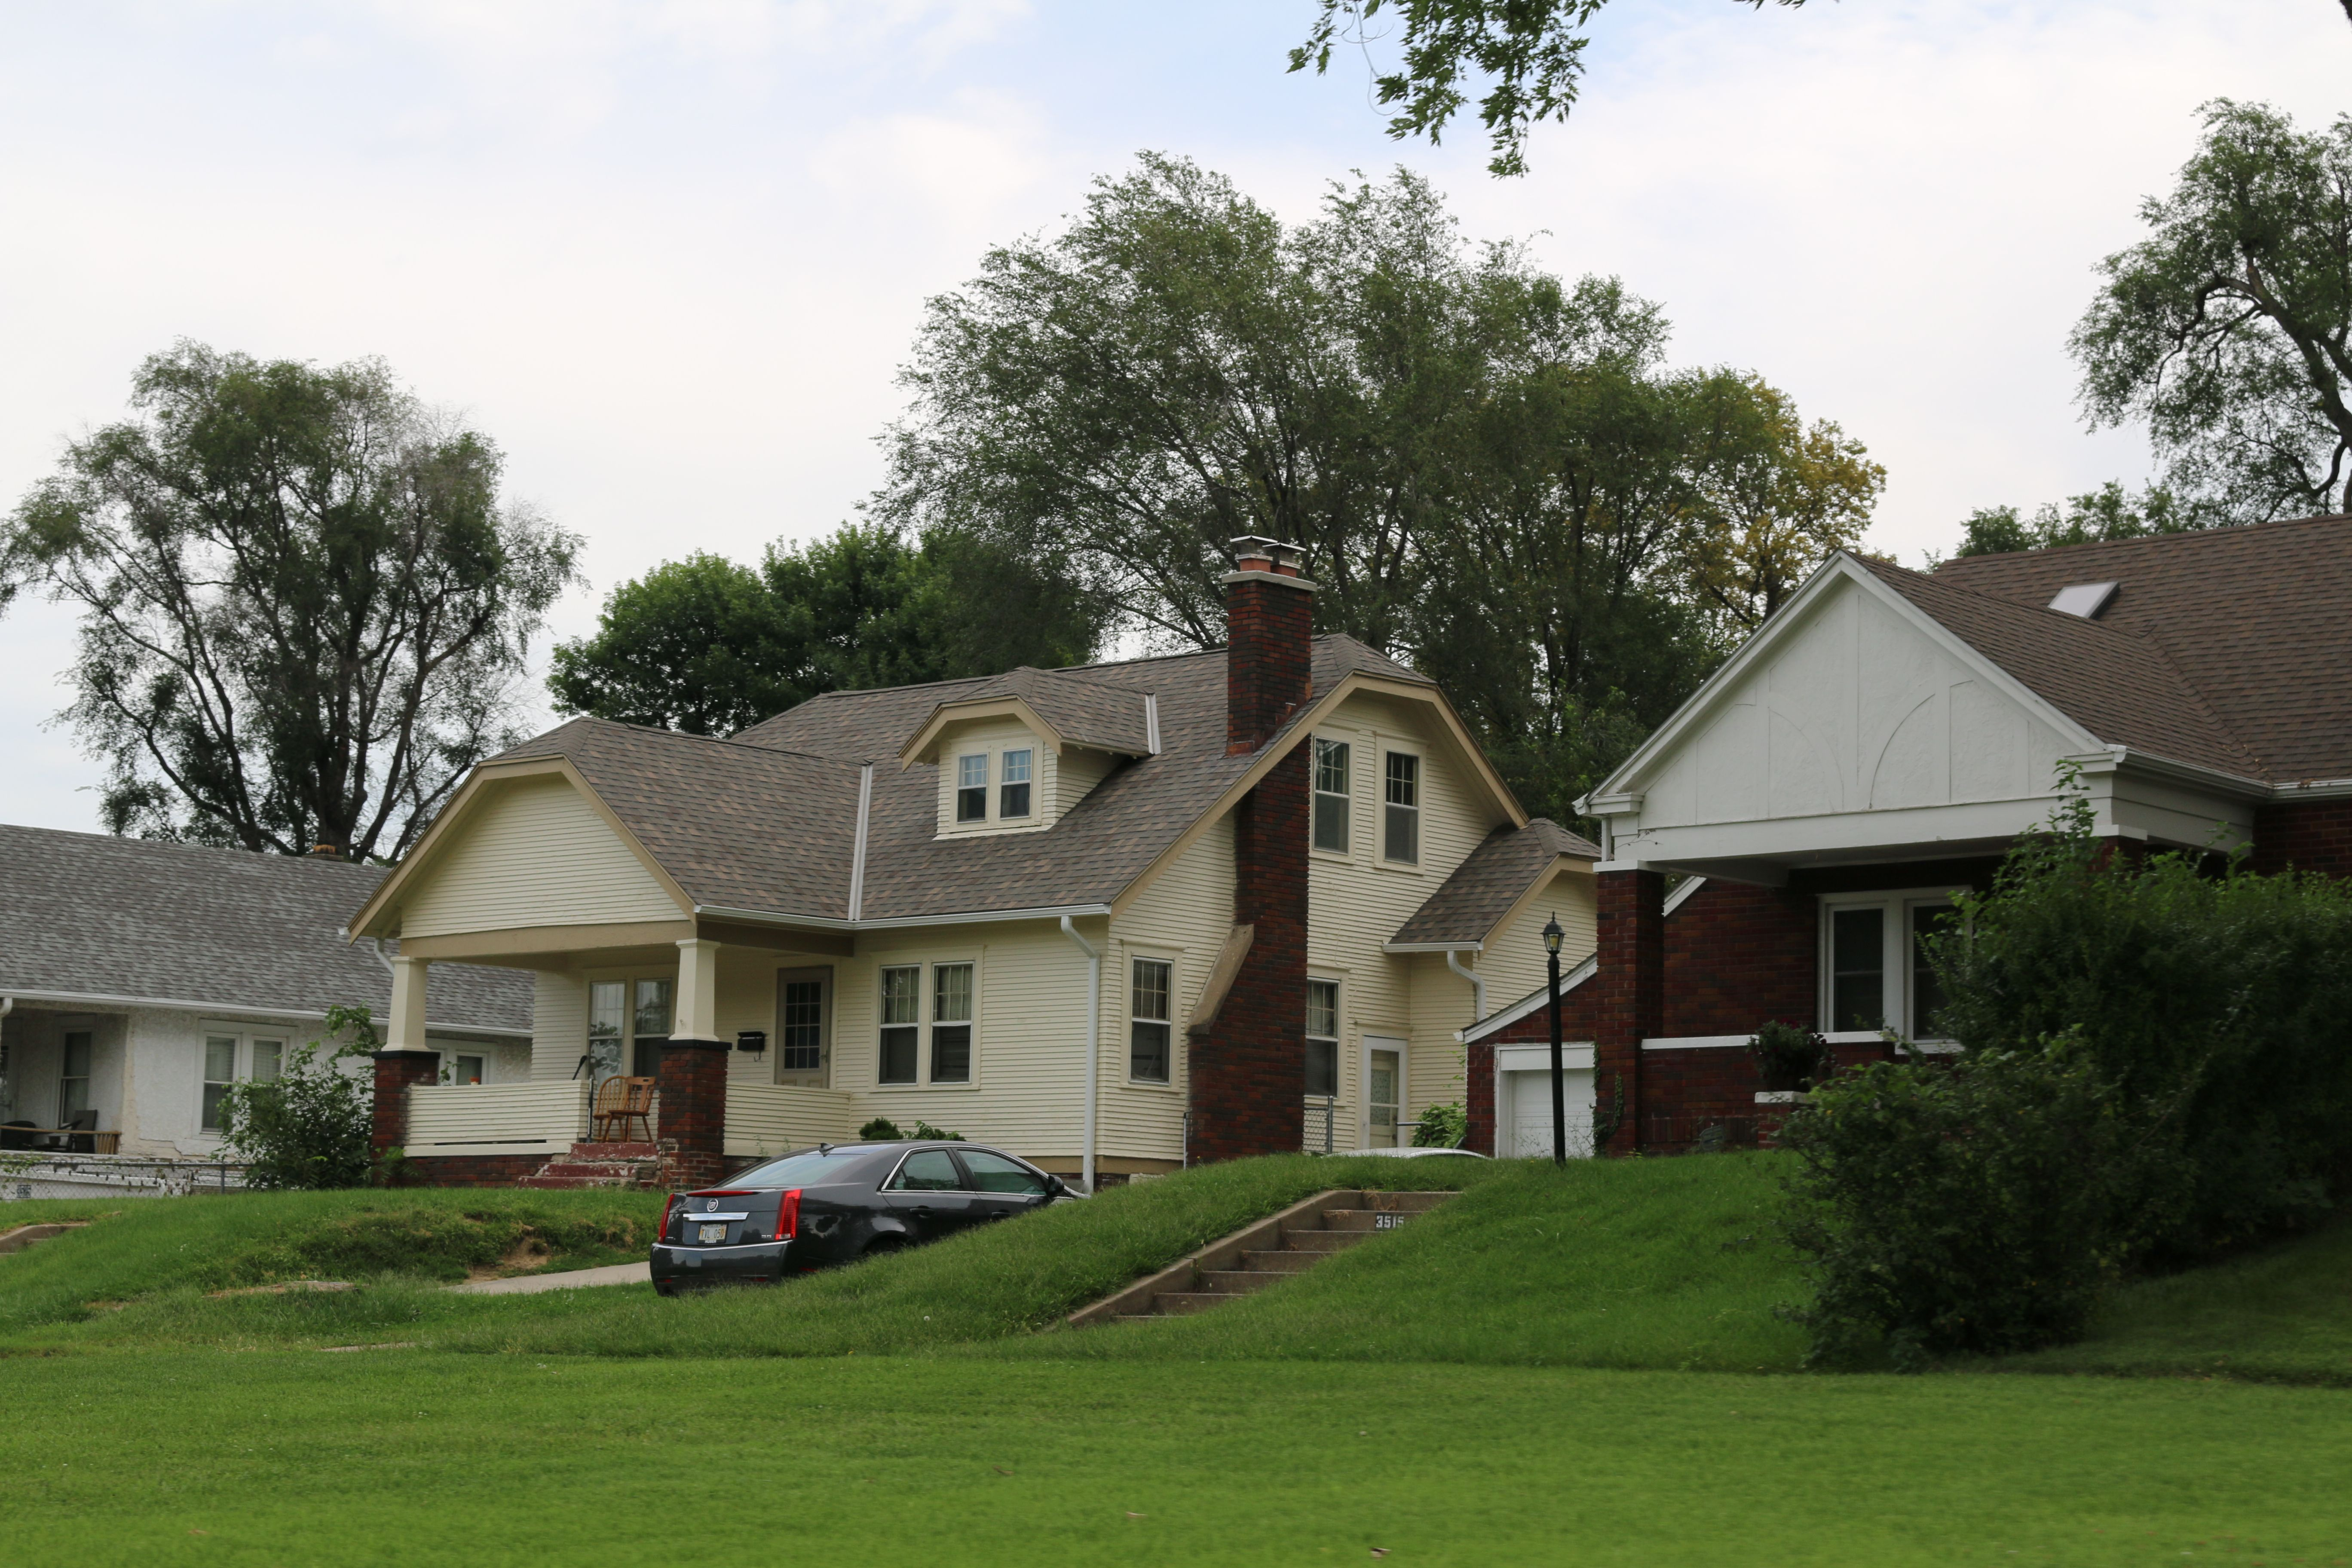 Conestoga Real Estate